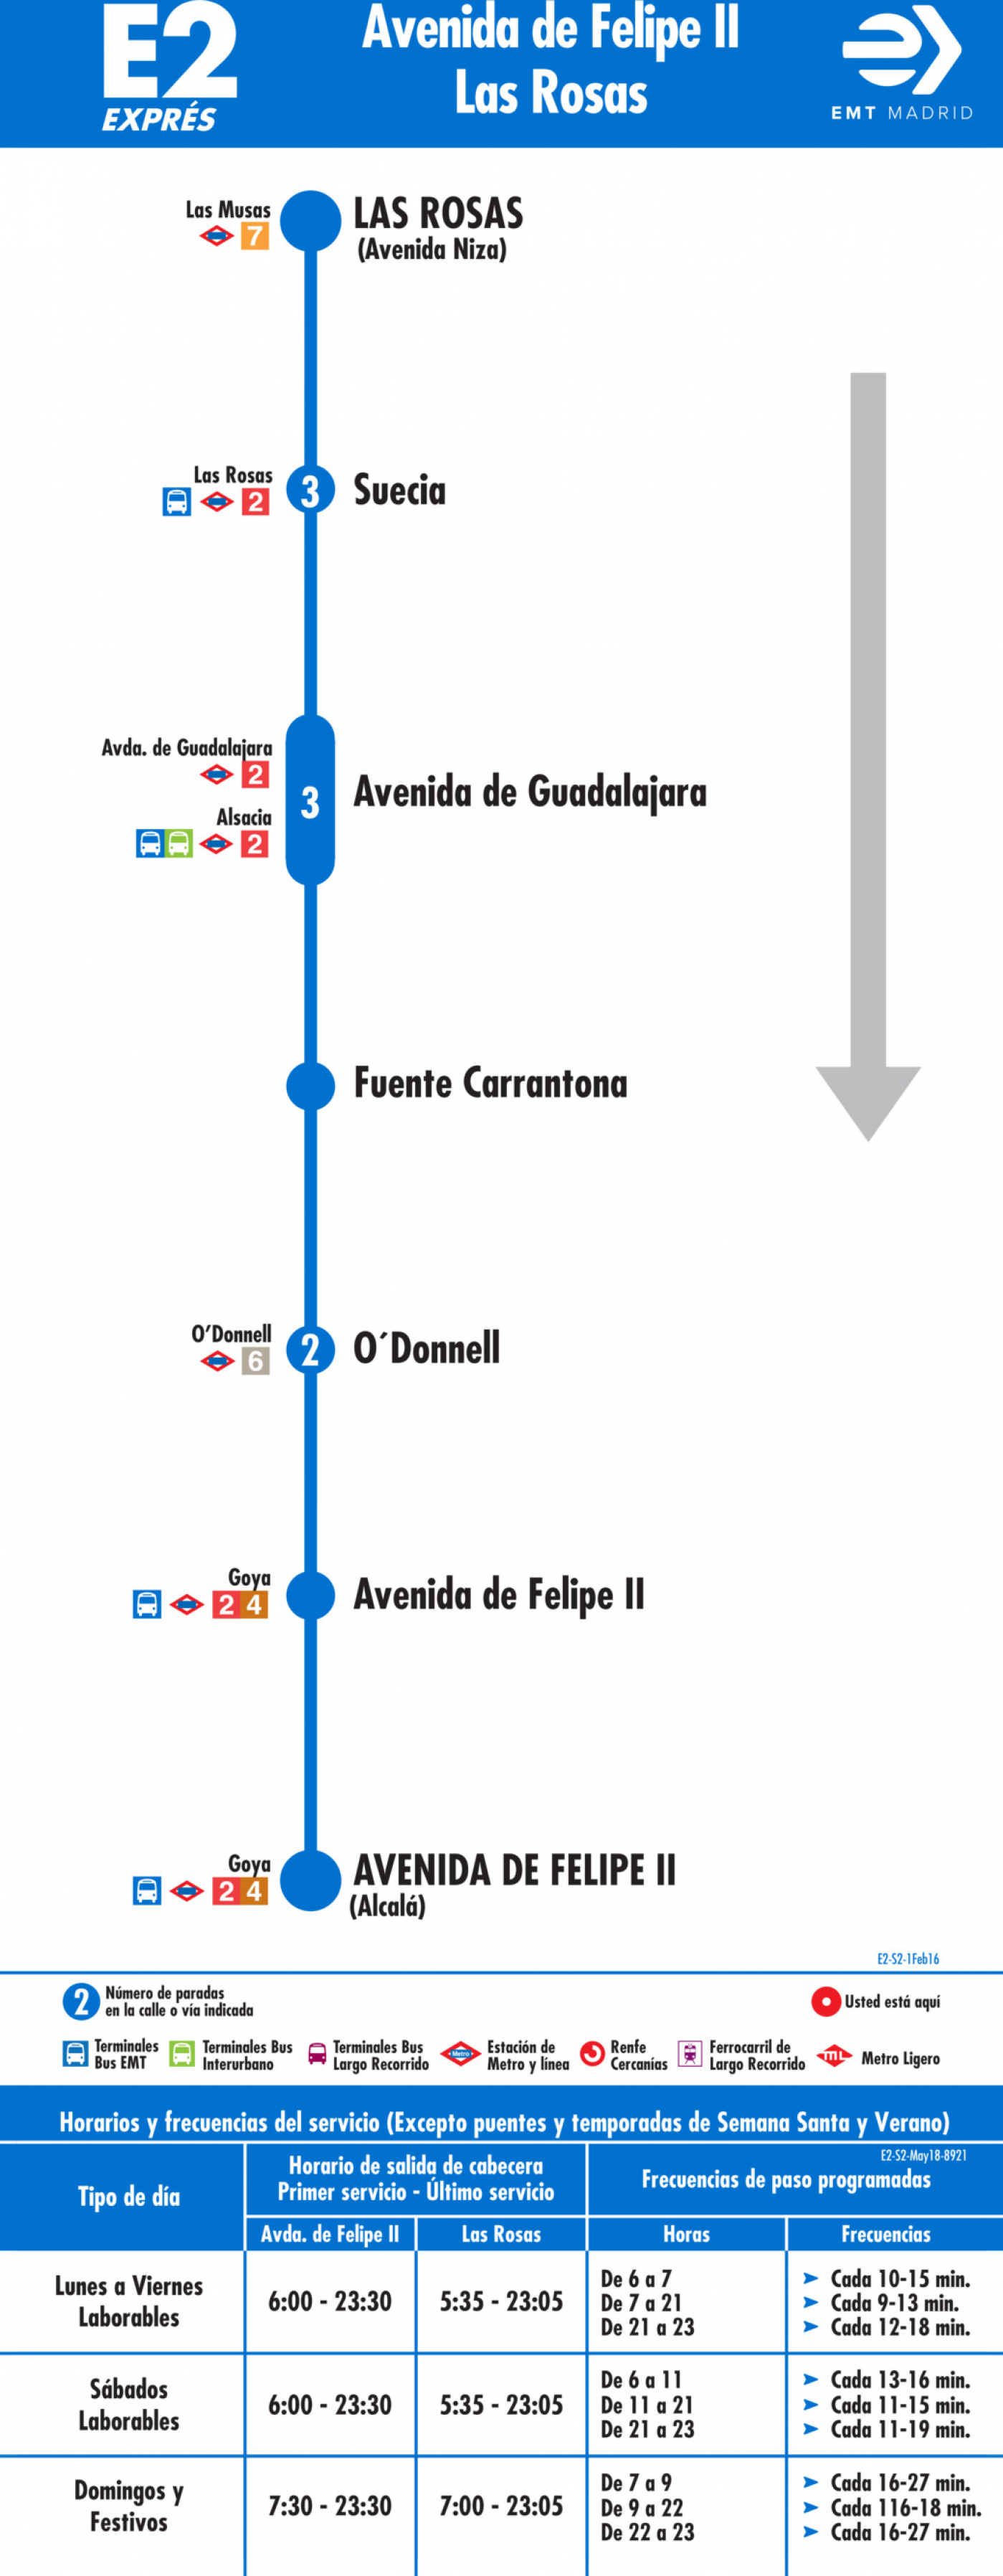 Tabla de horarios y frecuencias de paso en sentido vuelta Línea E2: Avenida de Felipe II - Las Rosas